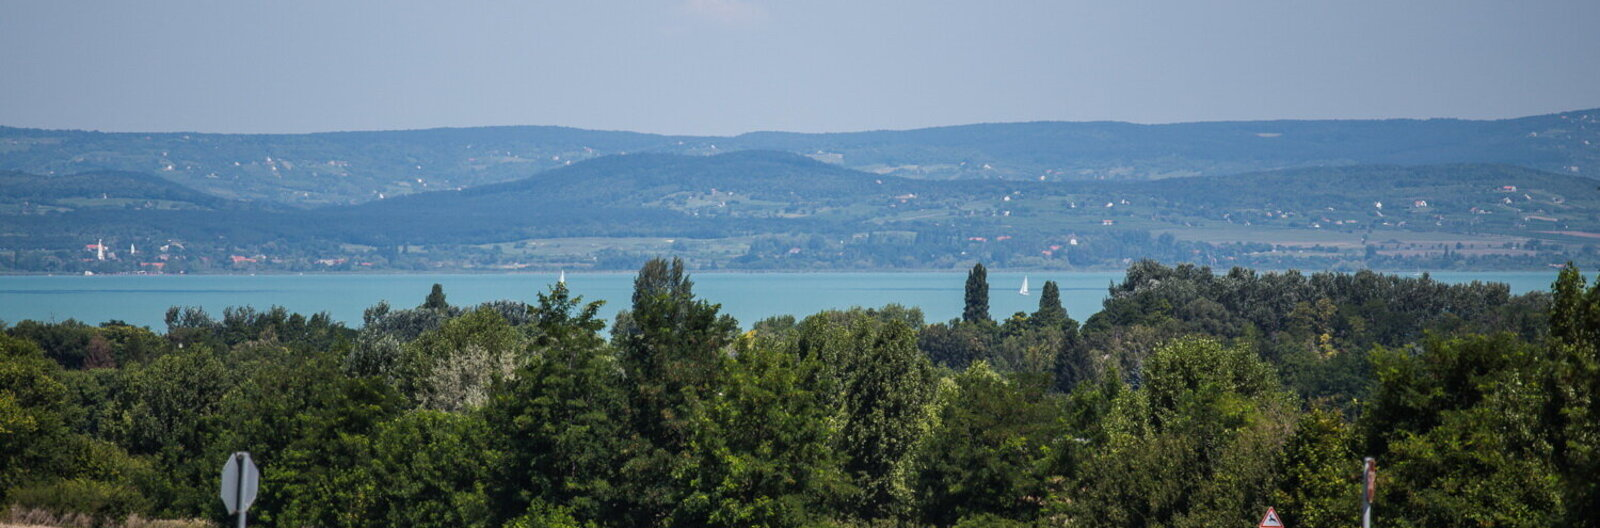 Az út a fontos, nem a cél - A Balaton legszebb panorámaútjai II.